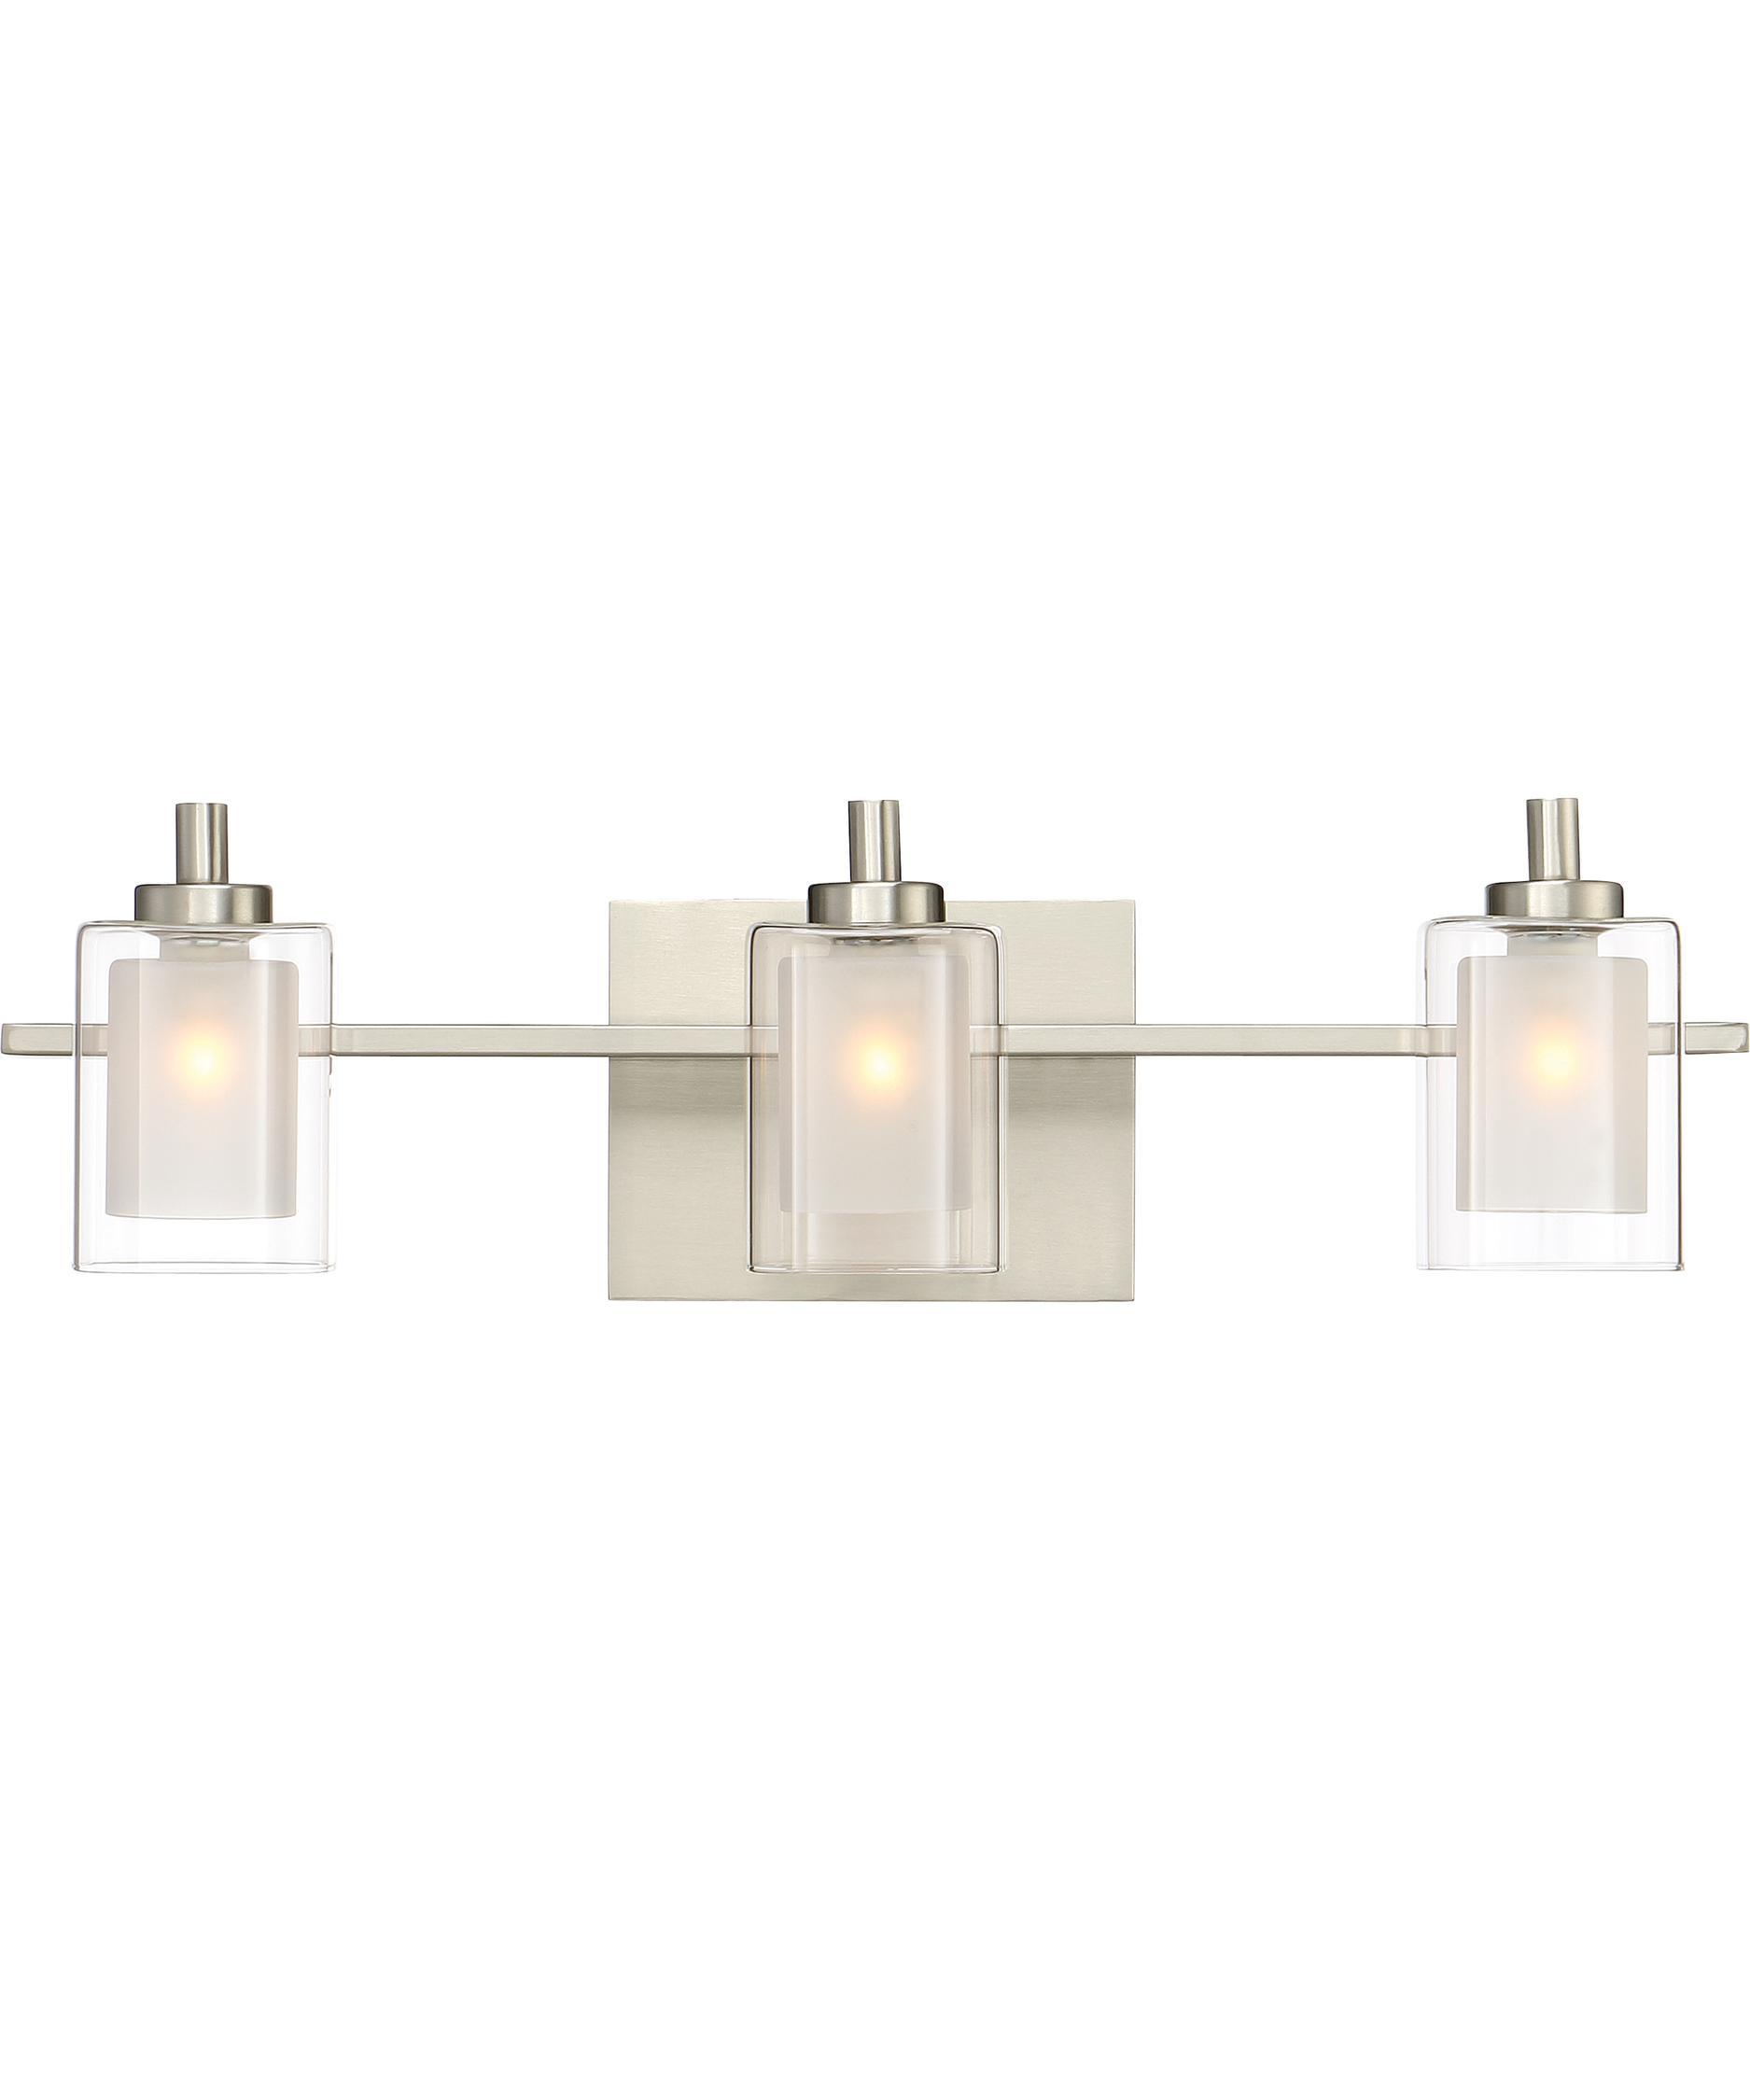 Bathroom Vanity Lights For Sale quoizel klt8603 kolt 21 inch wide bath vanity light | capitol